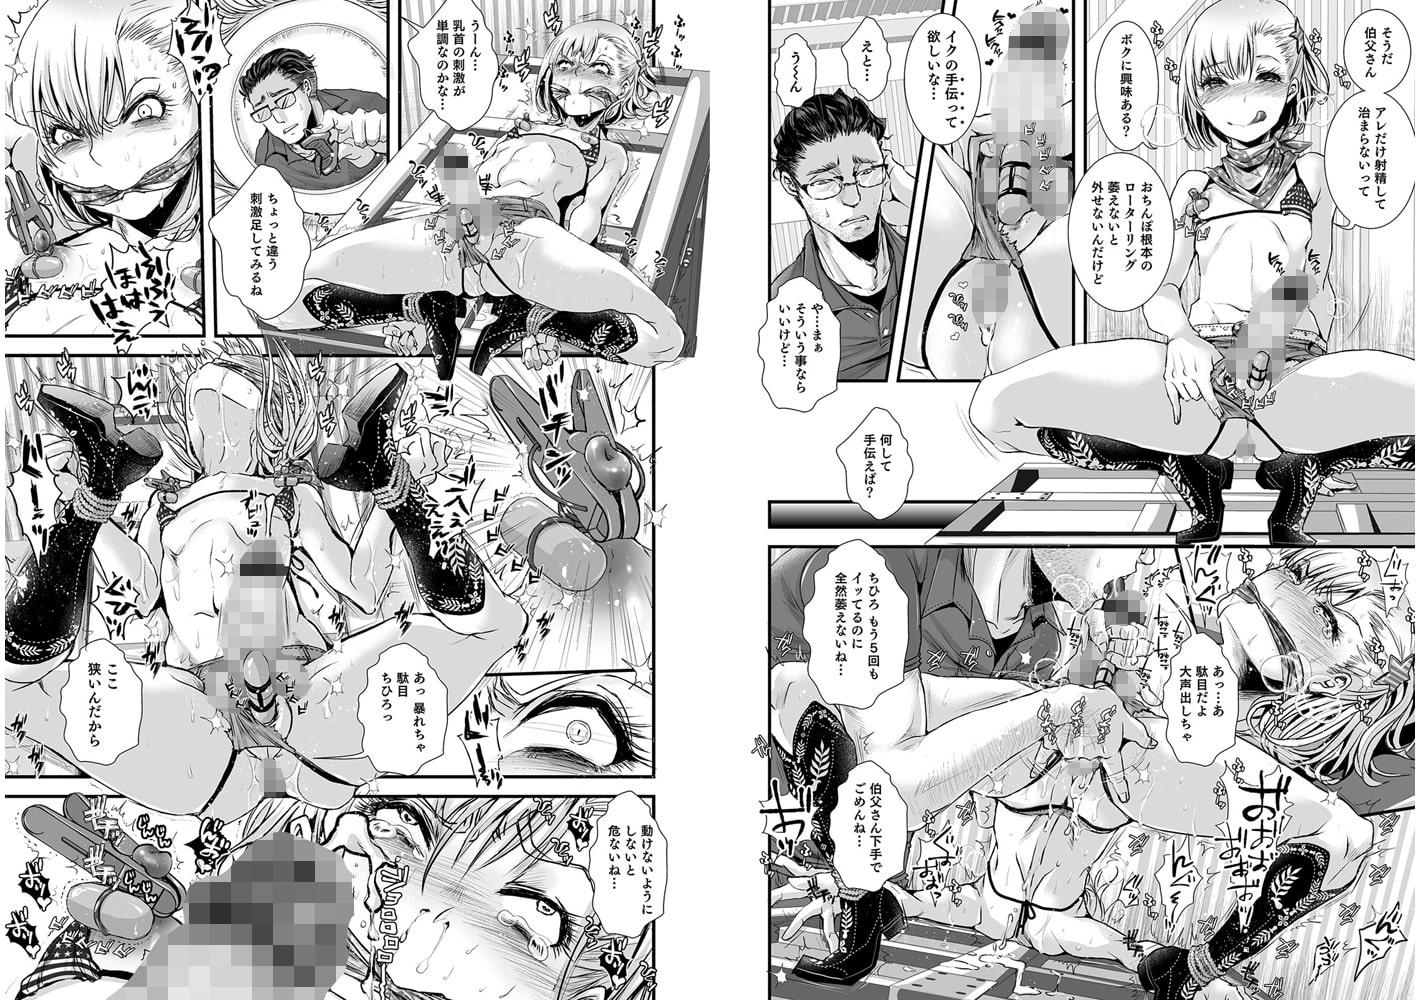 オトコのコHEAVEN vol.35 夏の誘惑 援交×男の娘水着